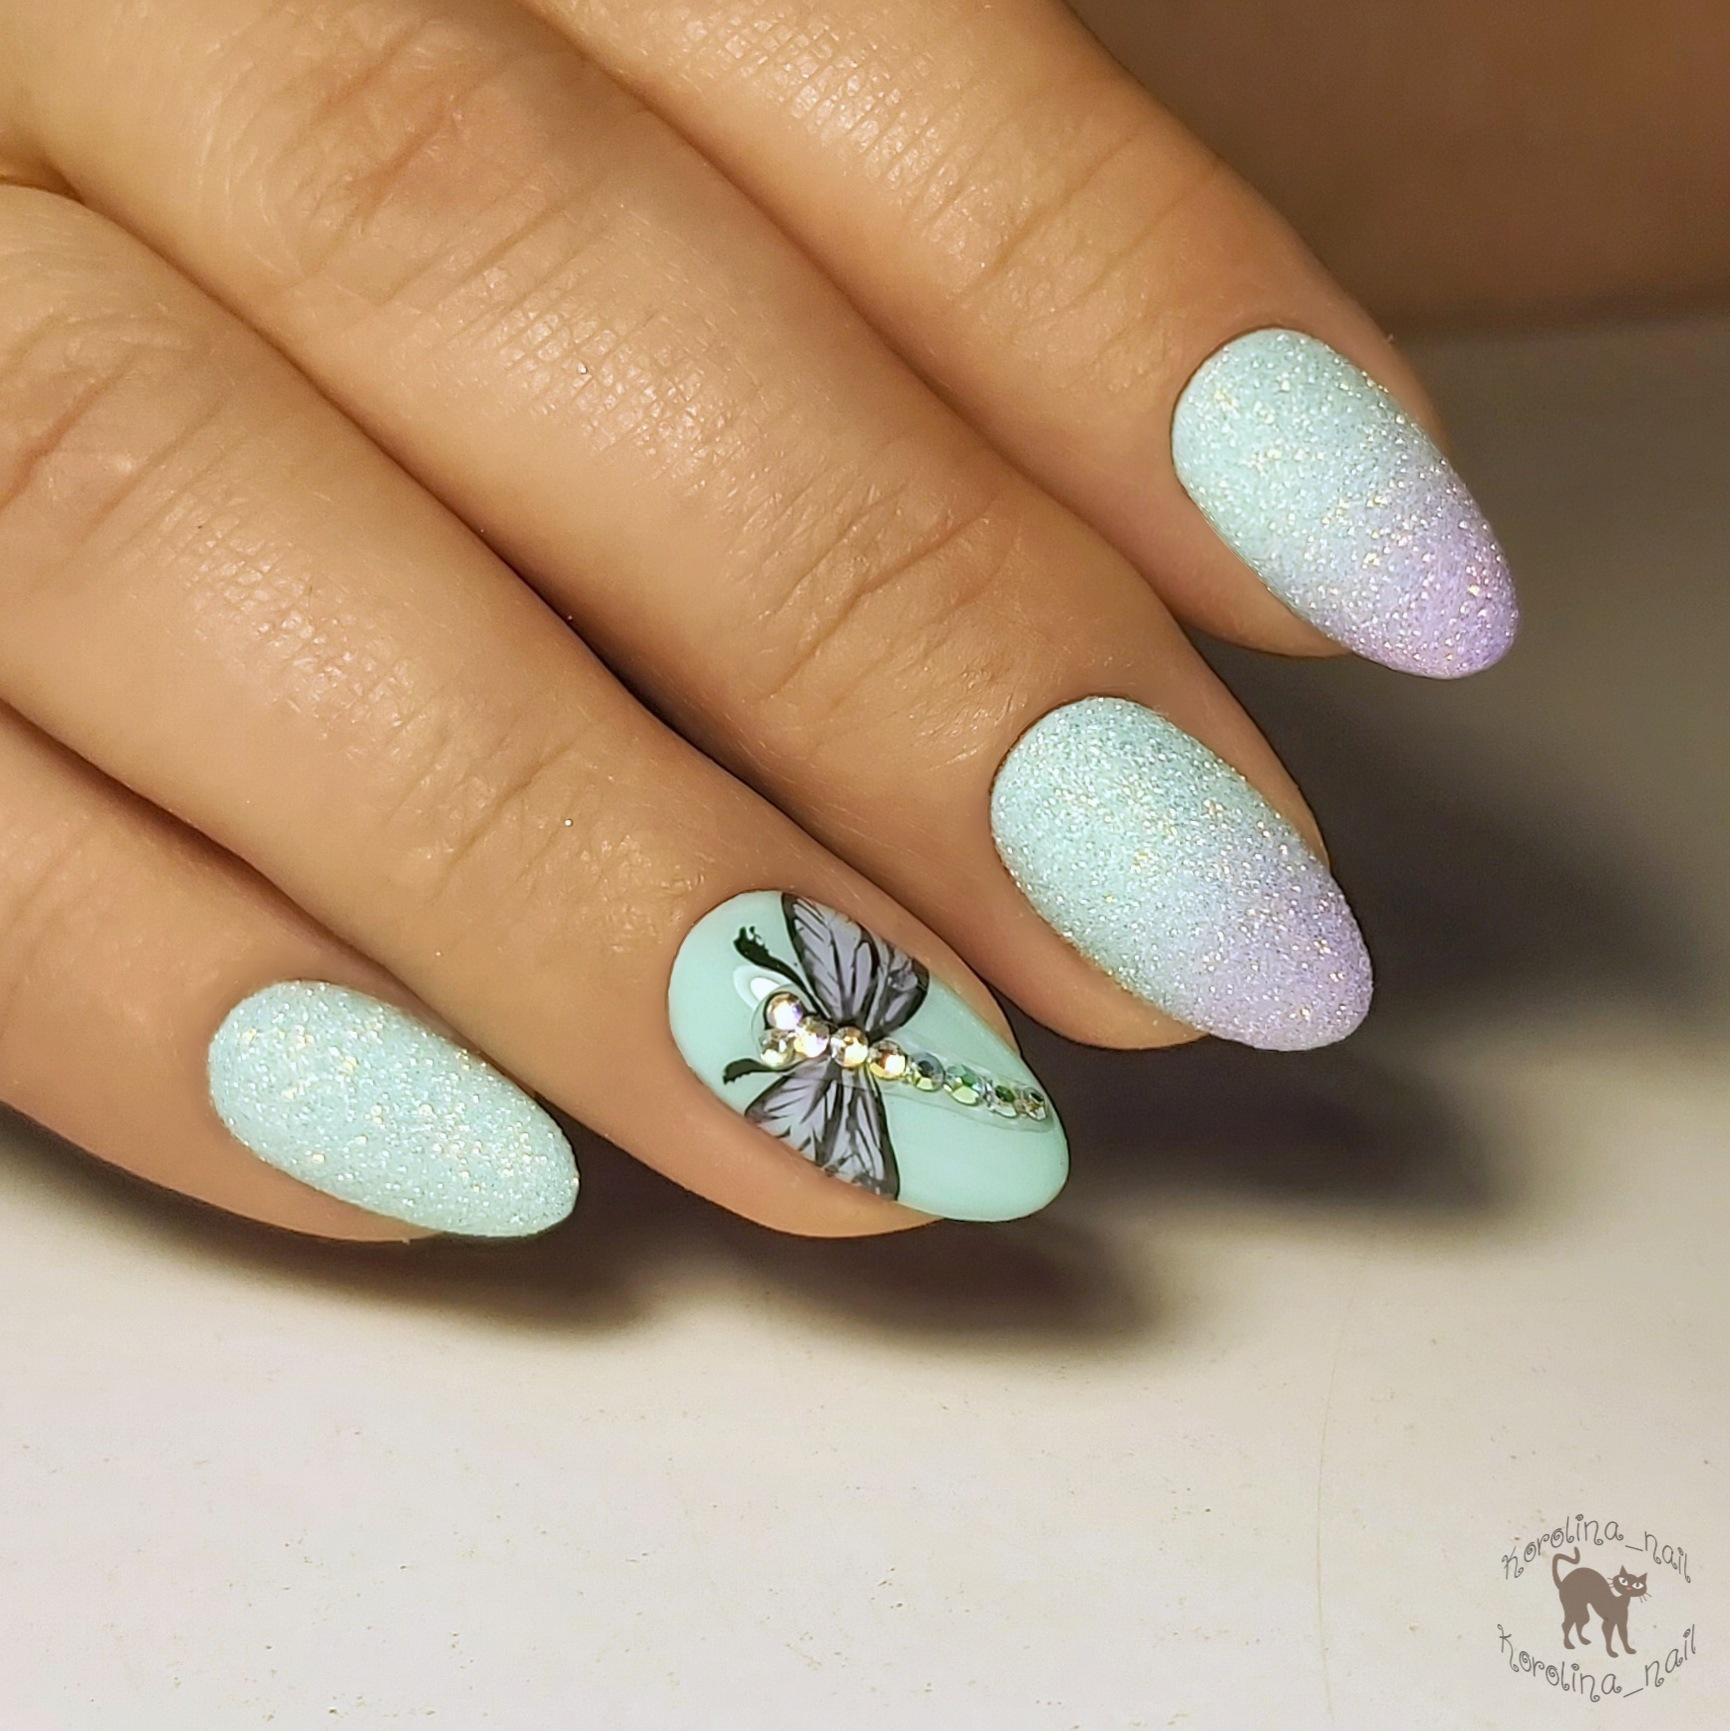 Маникюр с песочным градиентом и бабочкой в голубом цвете на короткие ногти.